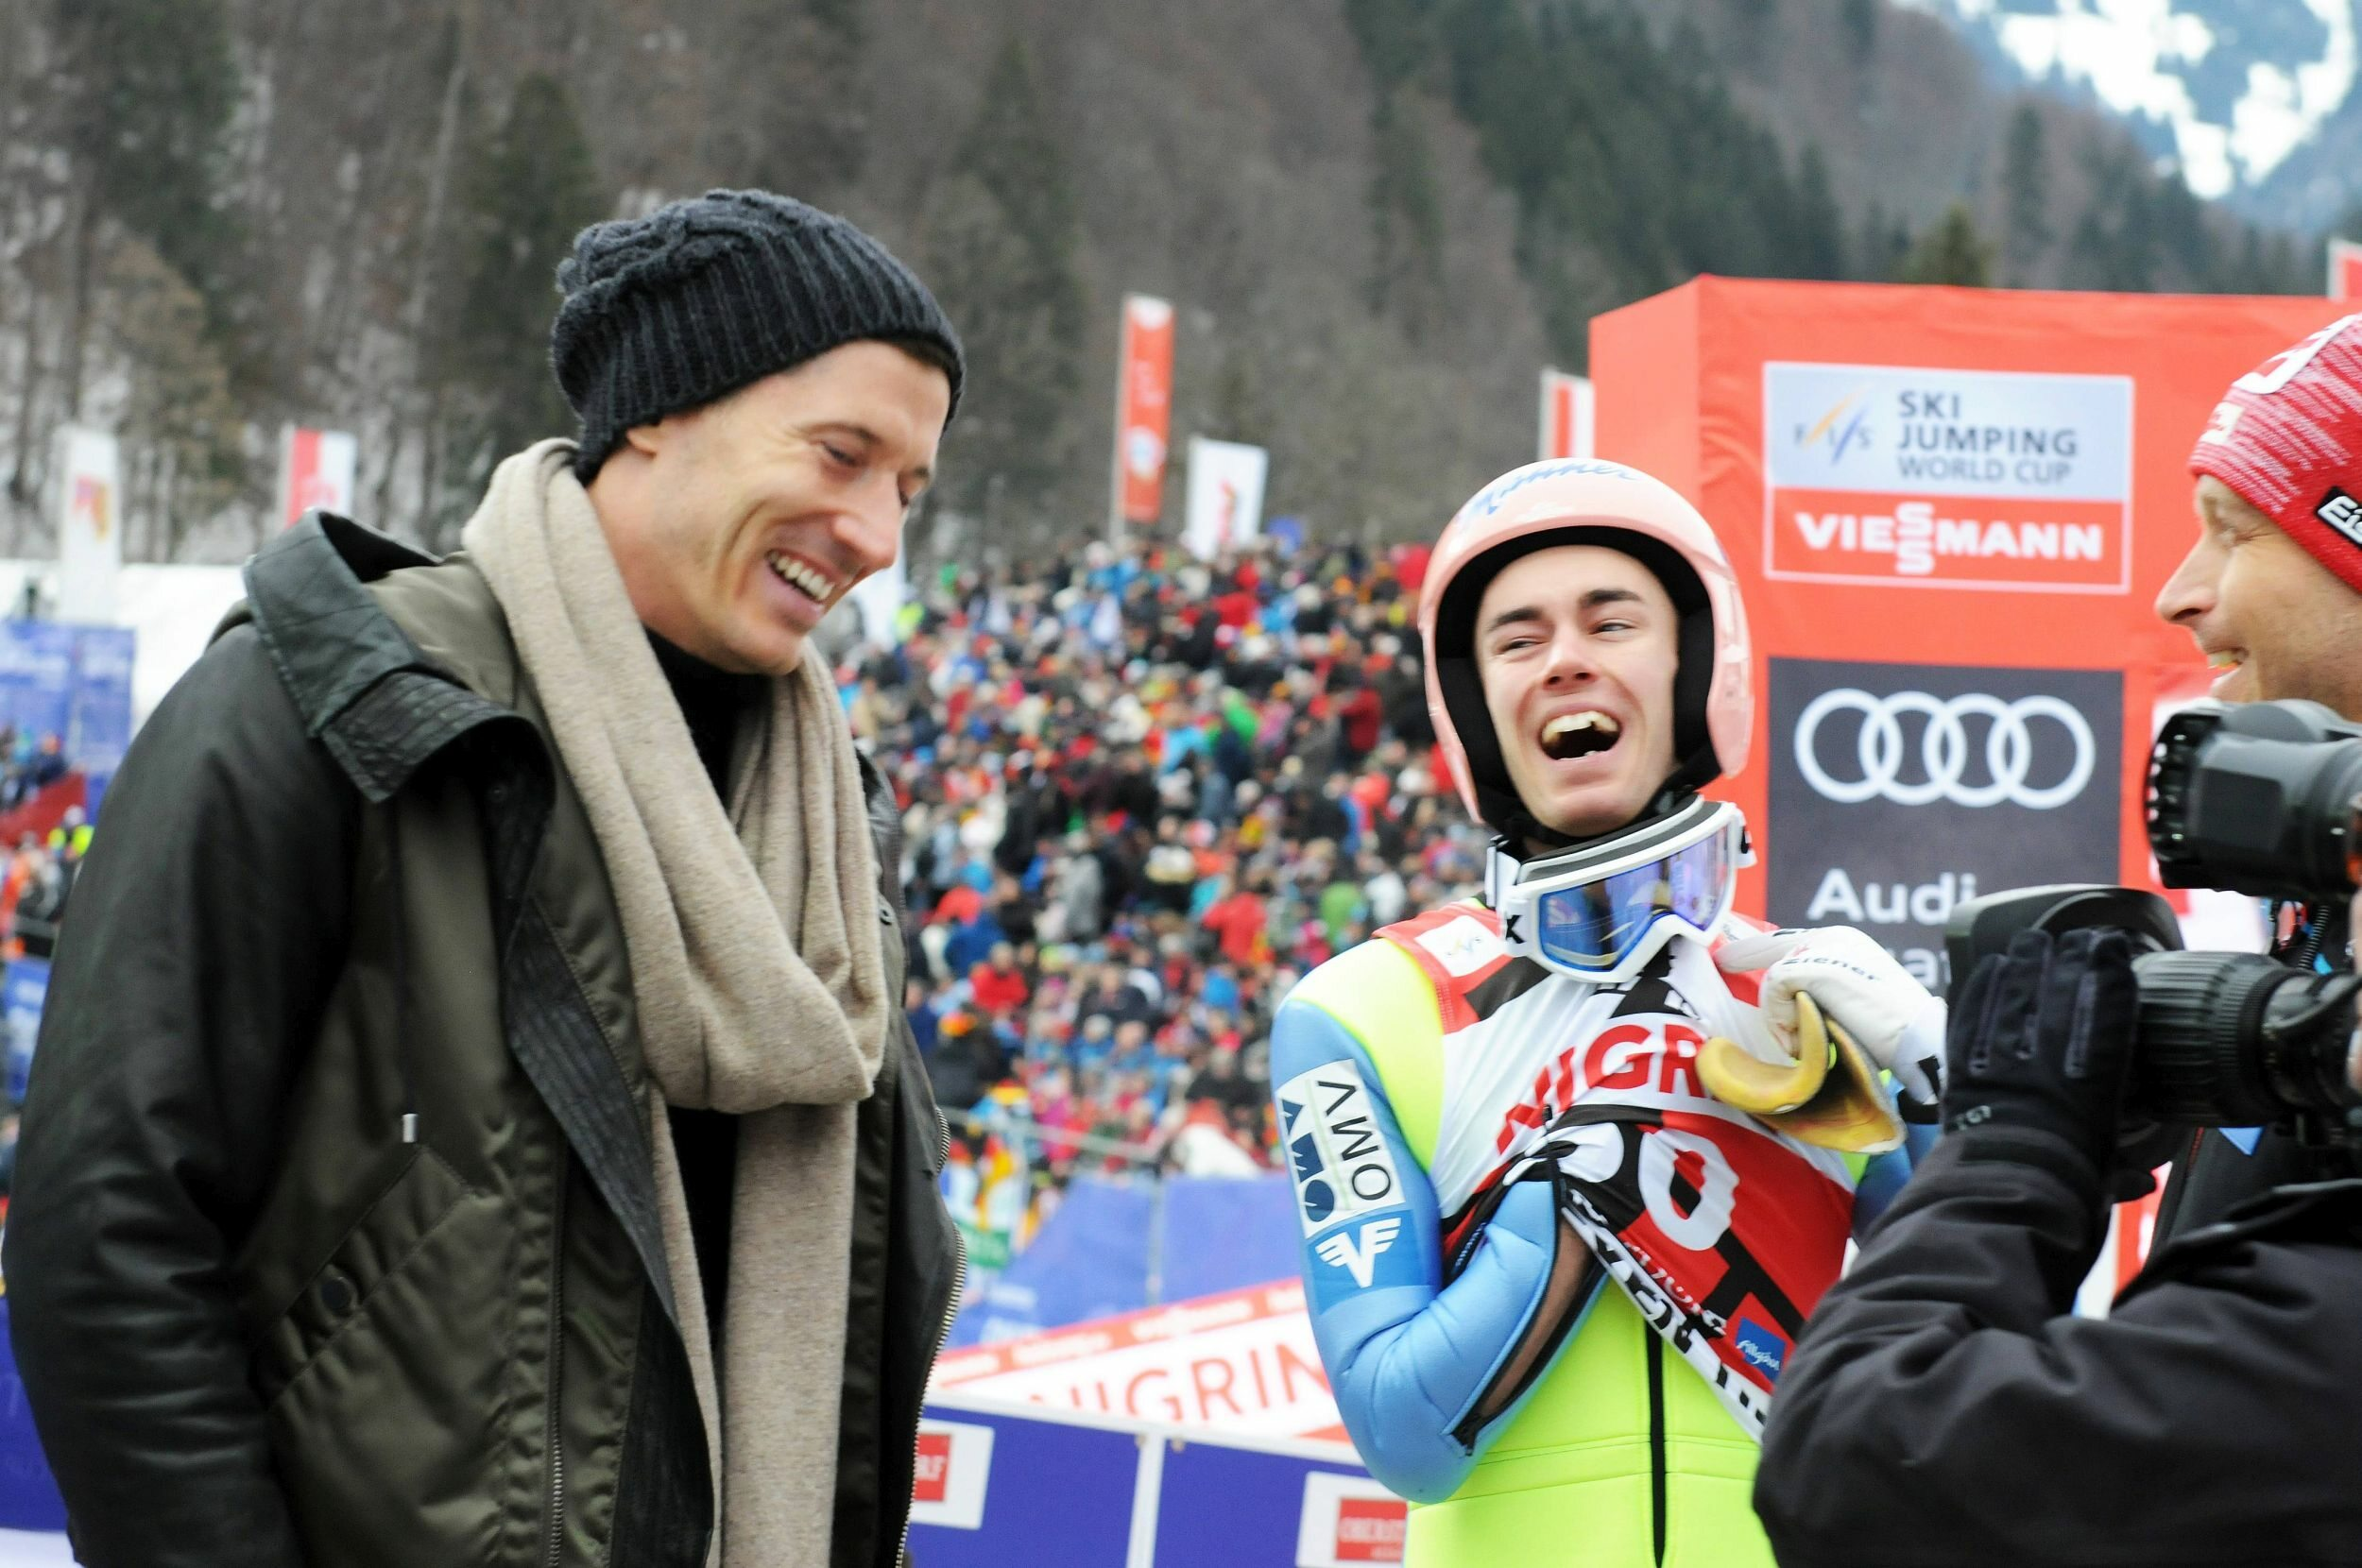 Robert Lewandowski podczas wizyty na skoczni w Obersdorfie